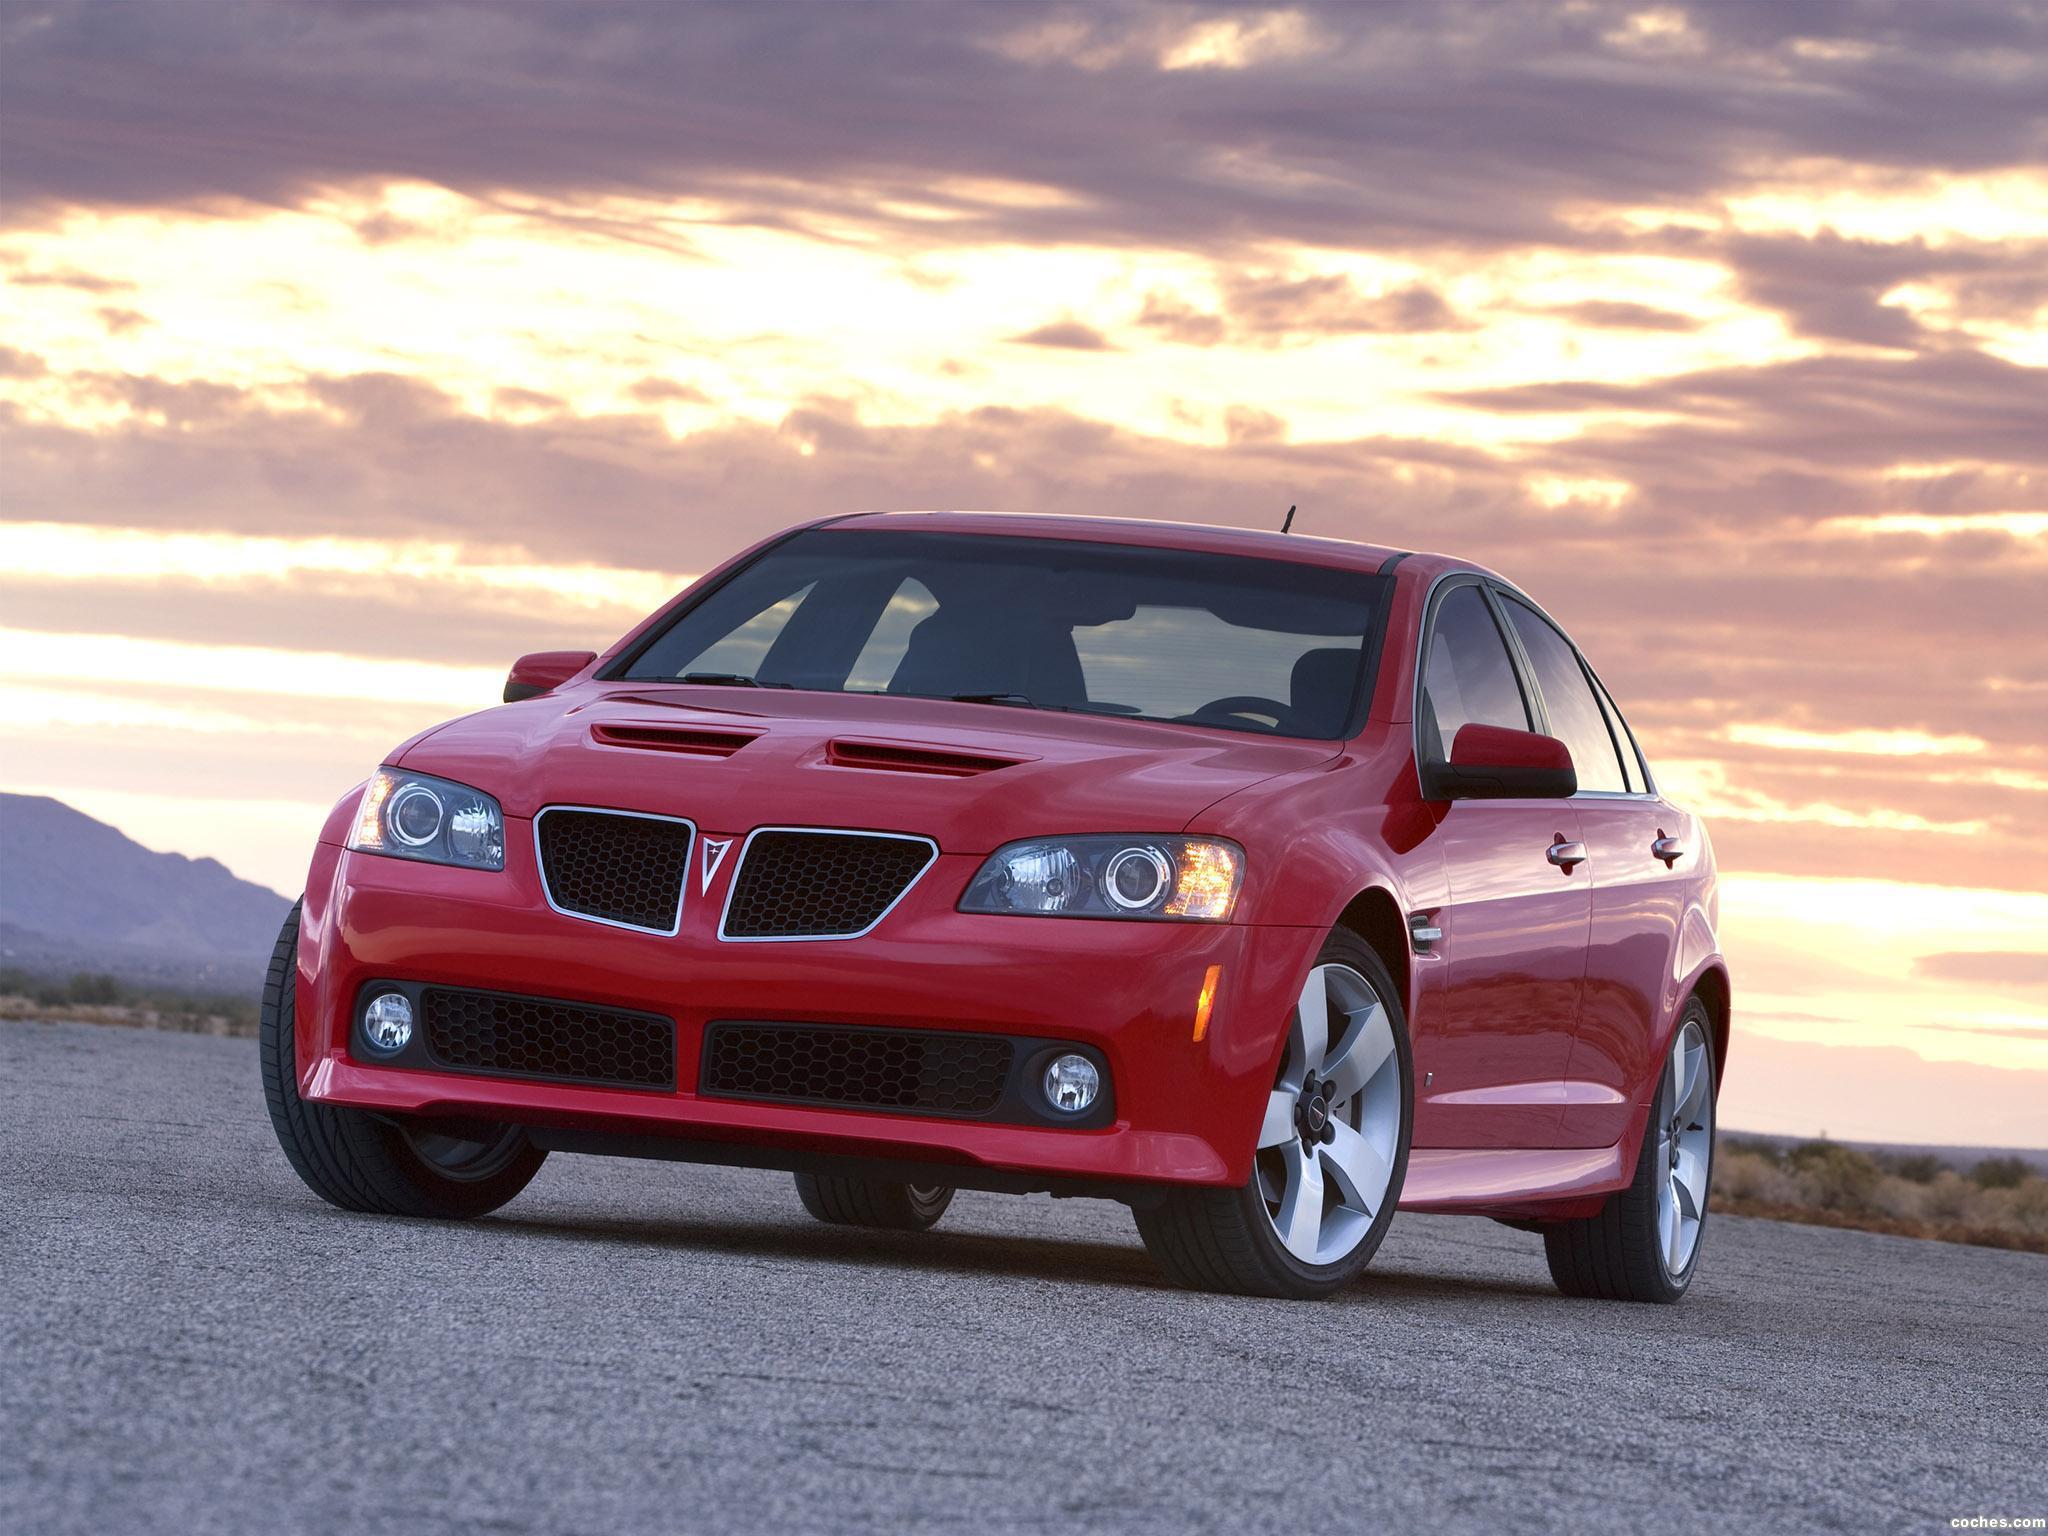 Foto 0 de Pontiac G8 GT 2008